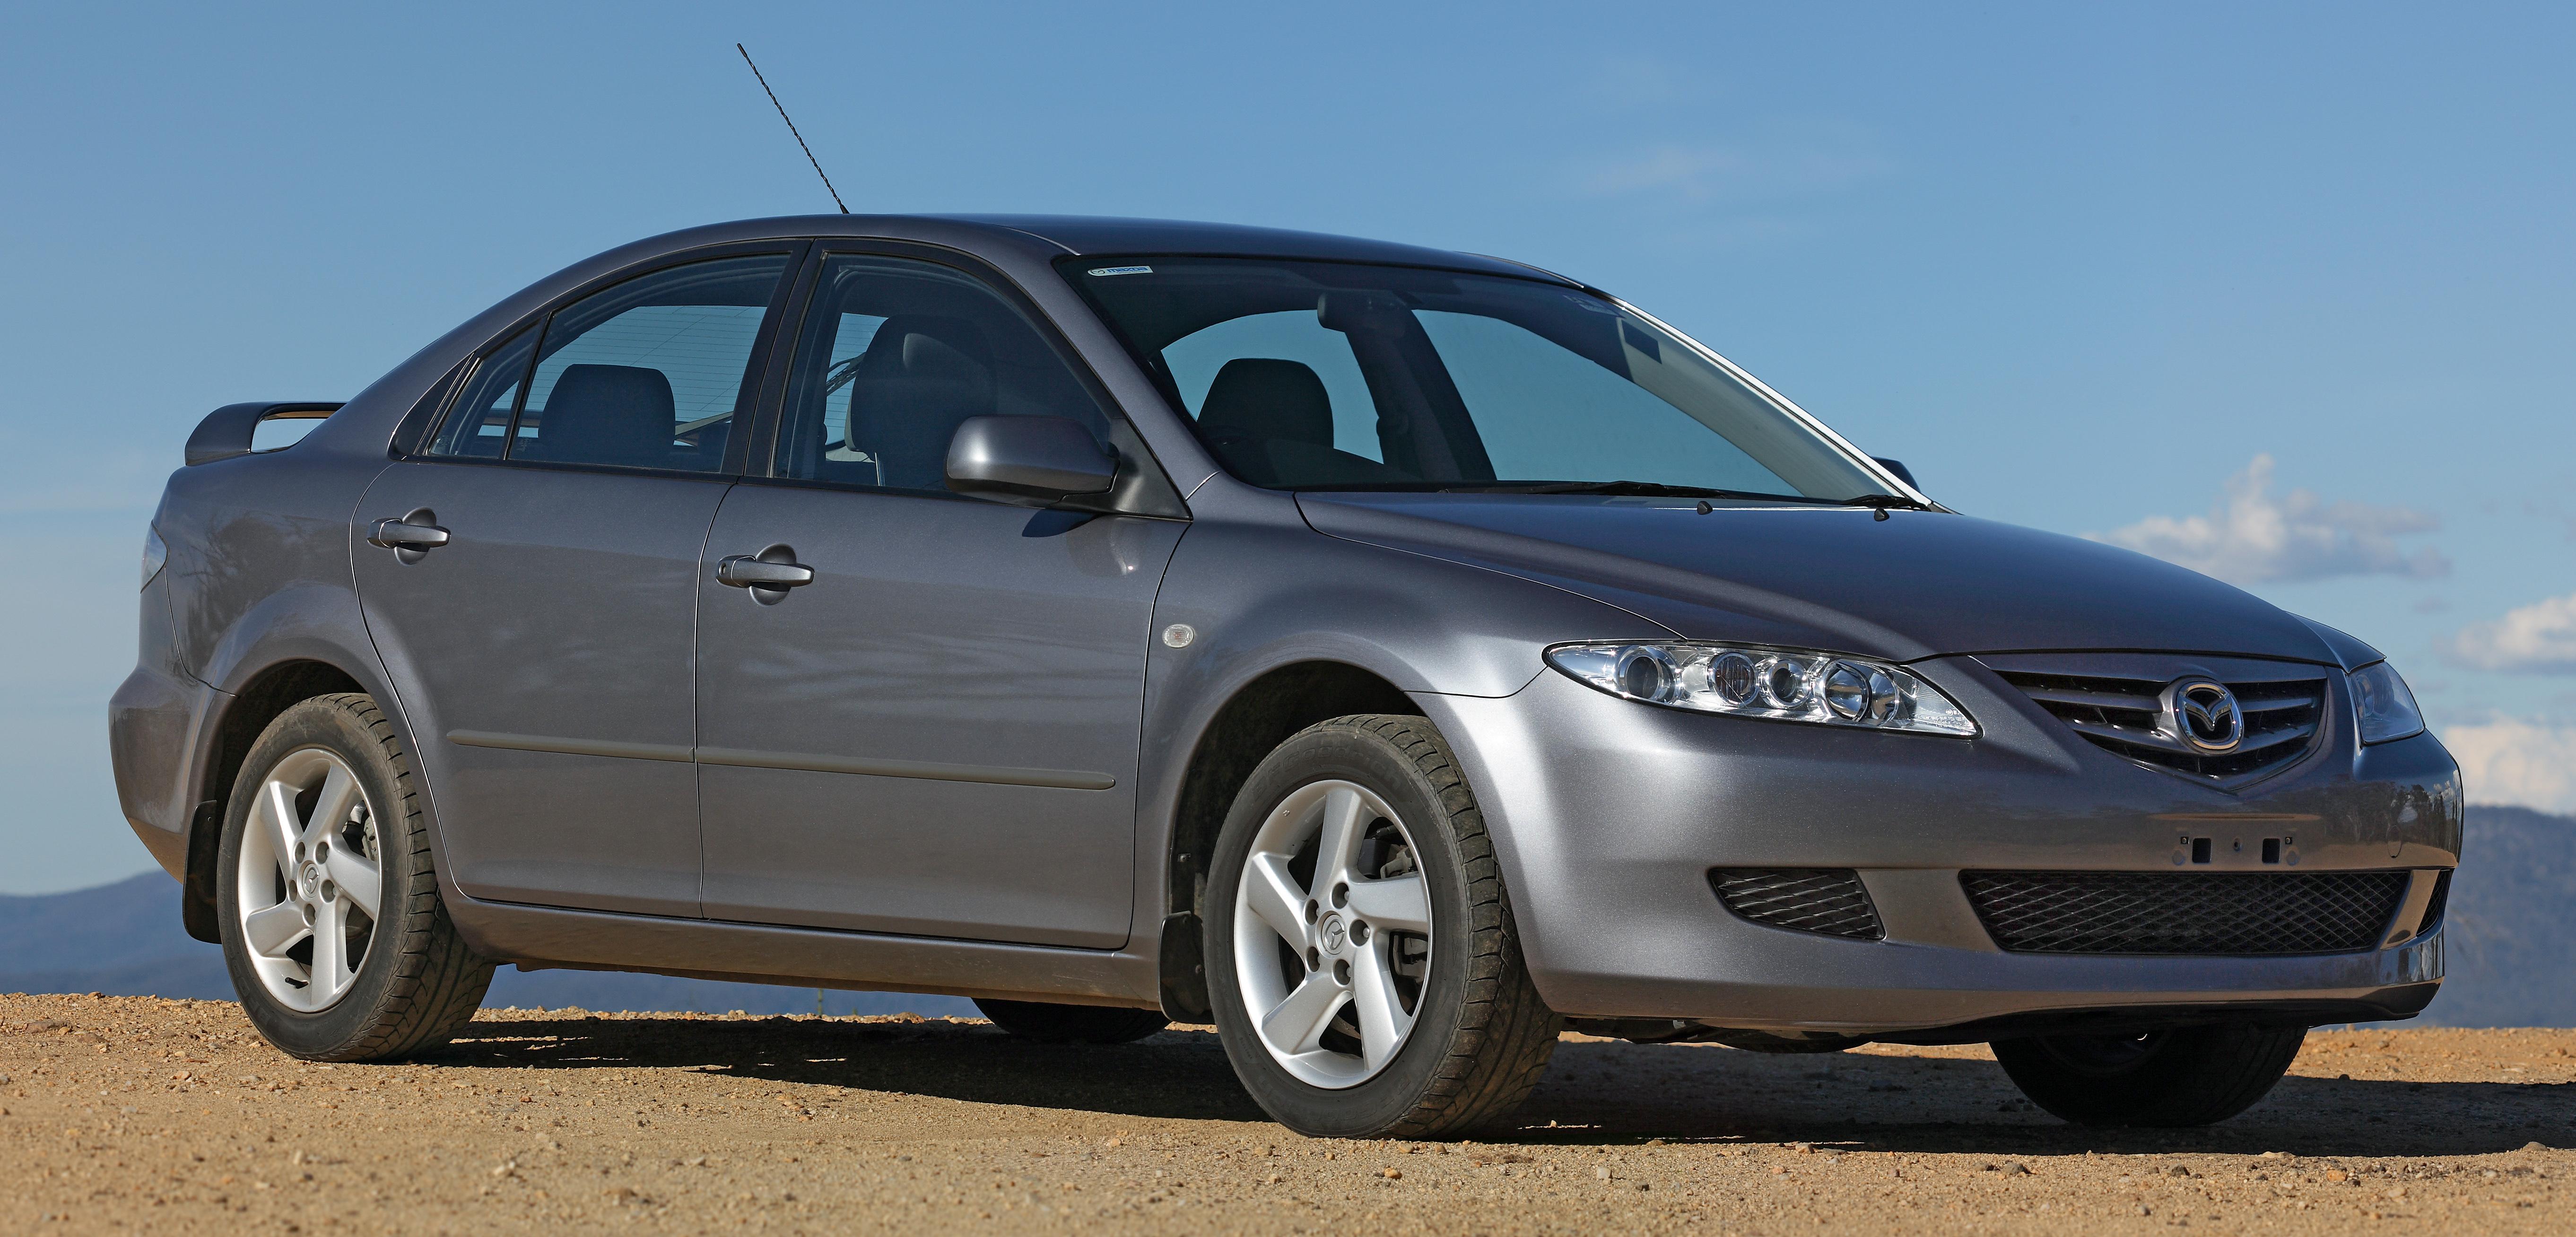 Mazda 6 I (GG) 2002 - 2005 Liftback #2